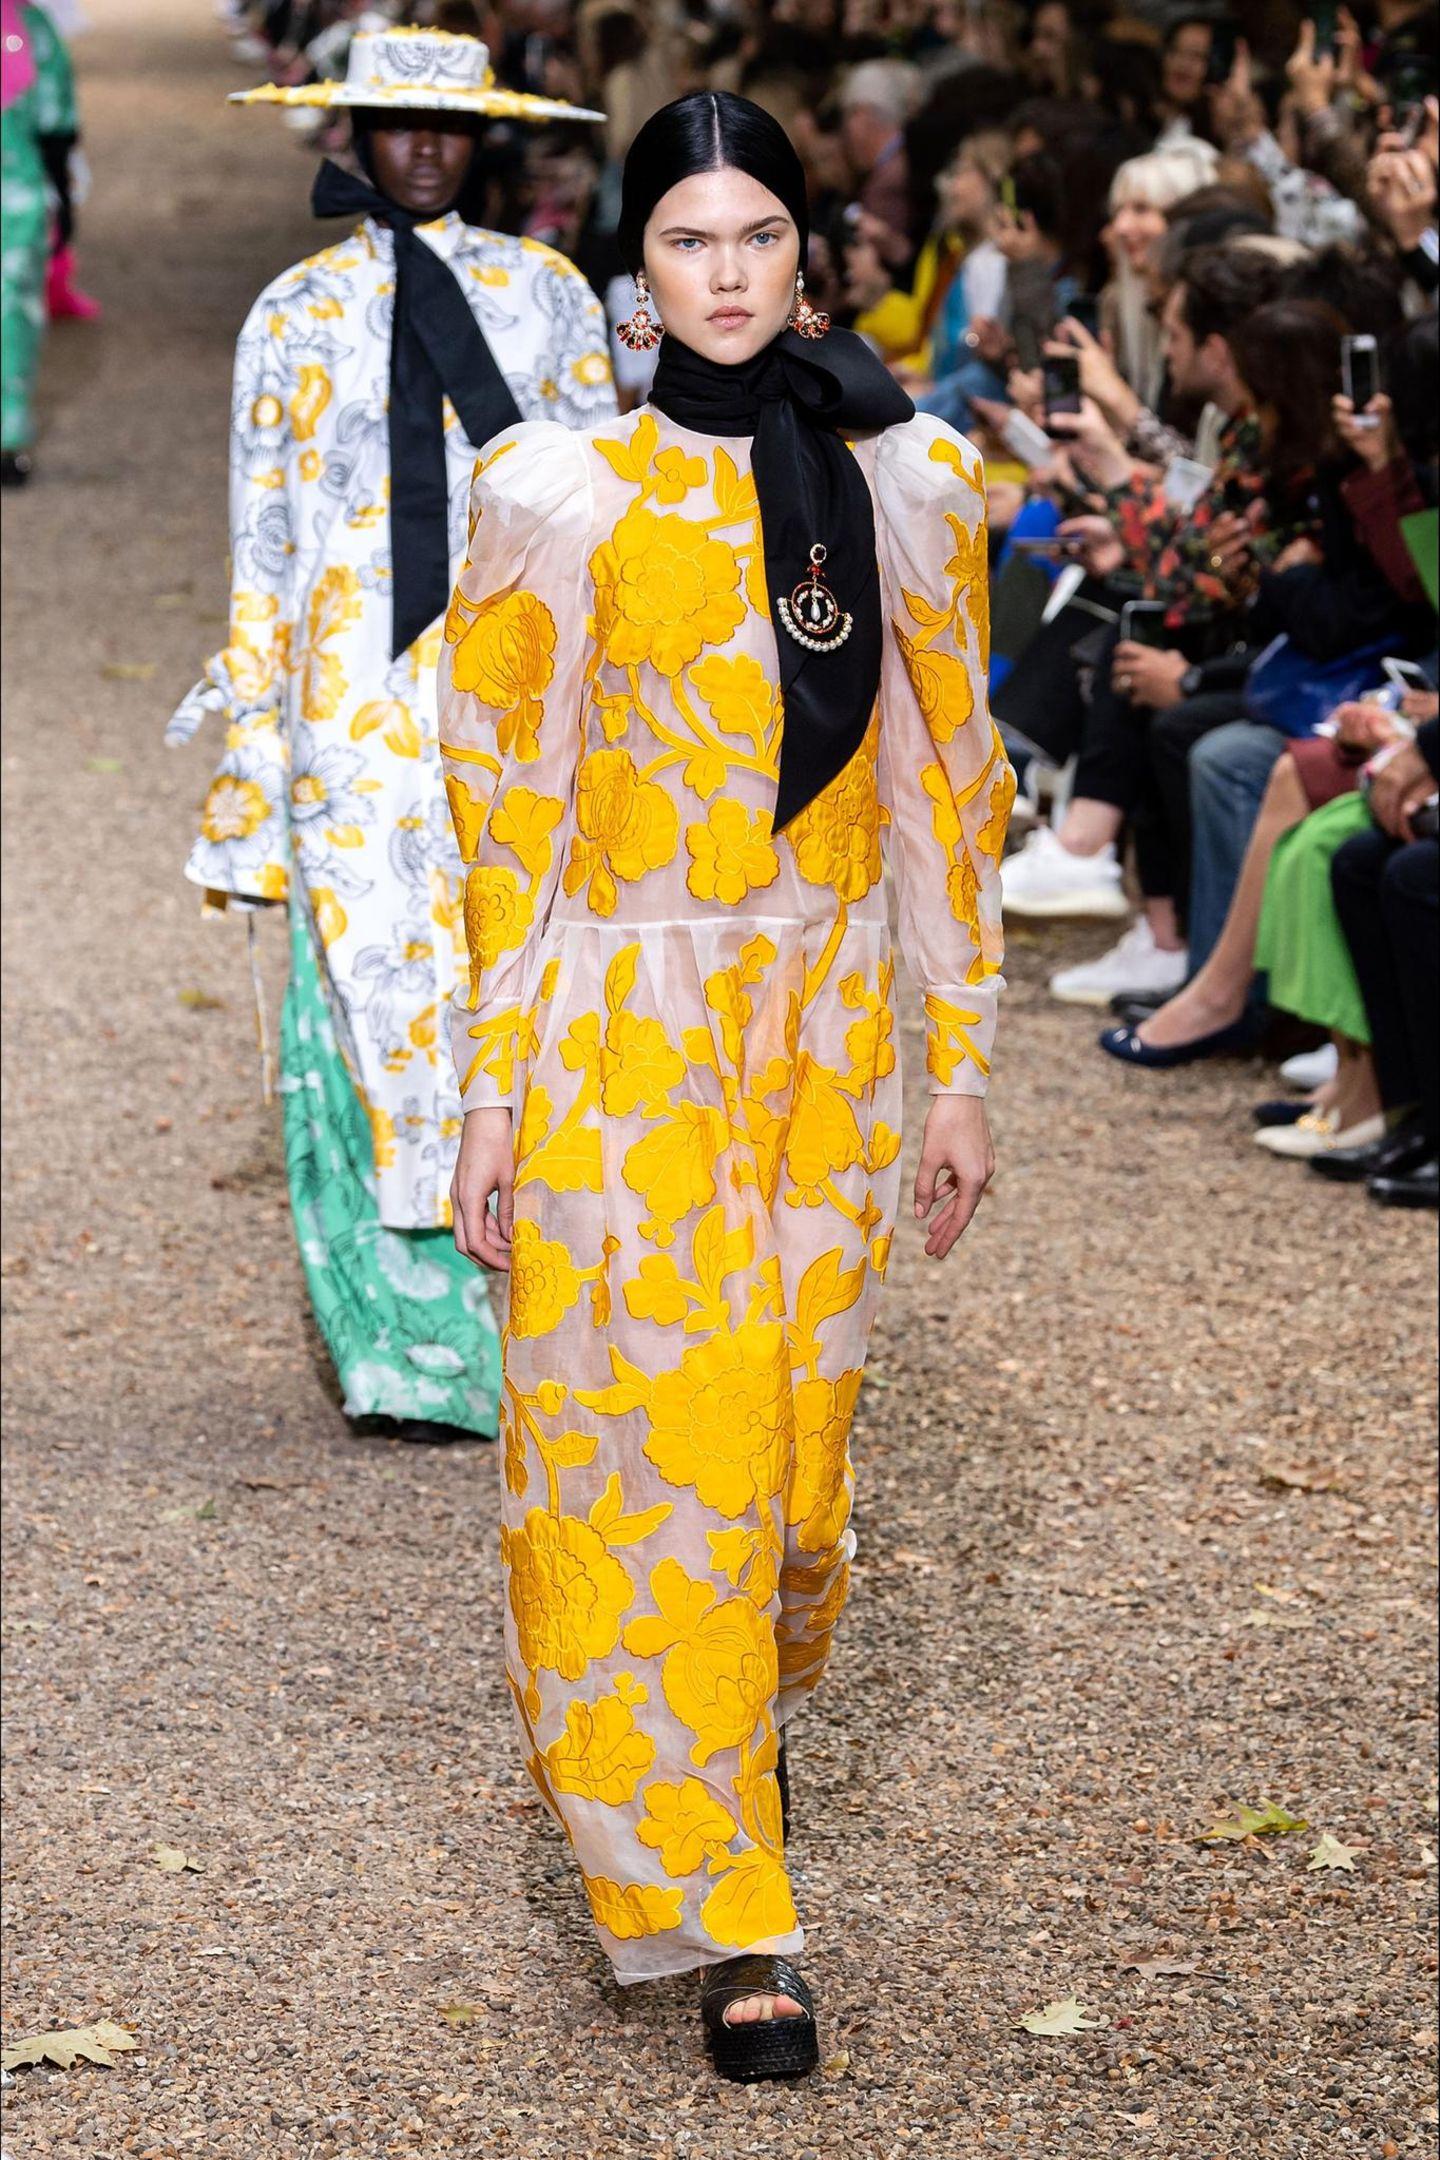 Auf der Londoner Fashion Week hat derkanadischeModedesigner Erdem Moralioğlu mitbritisch-türkischer Abstammung seine Ready-to-Wear-Kollektion vorgestellt. Und nicht nur wir sind große Verehrer seiner stylischen Designs, auch im britischen Königshaus hat er einen großen Fan ....